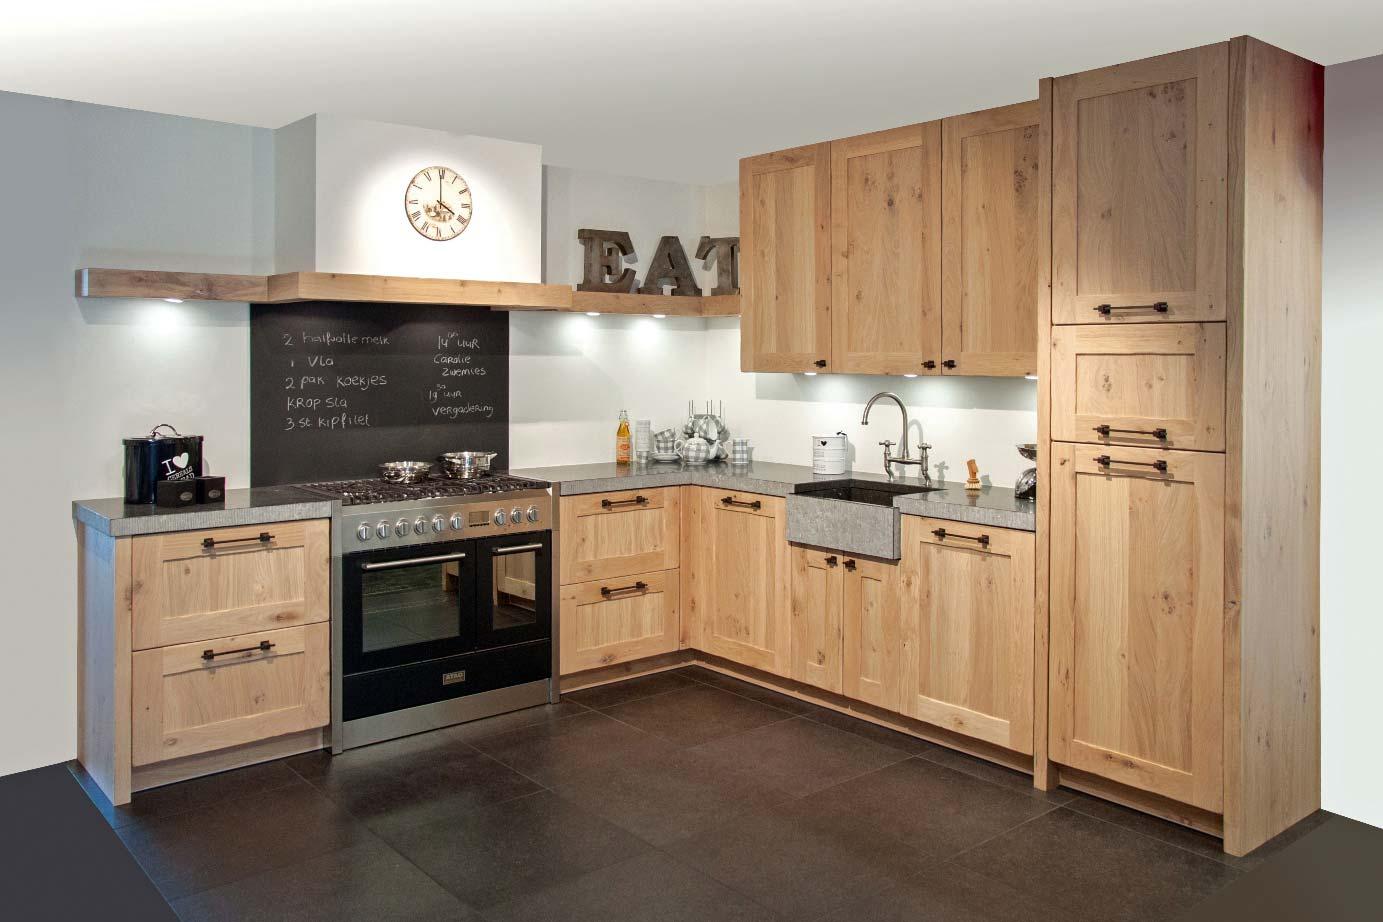 Nostalgische keuken handgemaakte keukens best images about home country kitchen landelijke for Keuken landhuis